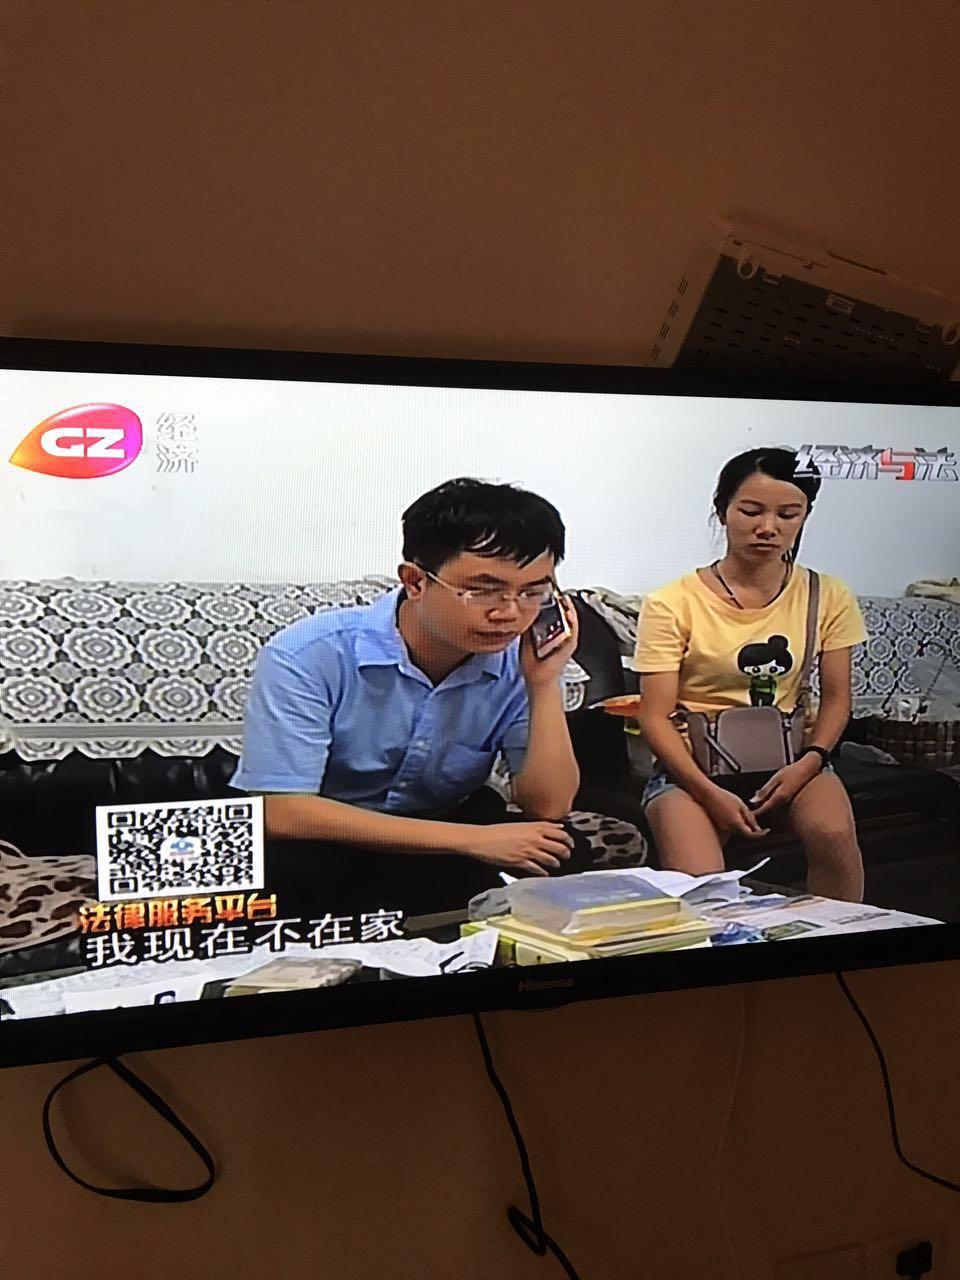 马俊哲律师的节目在电视上播出